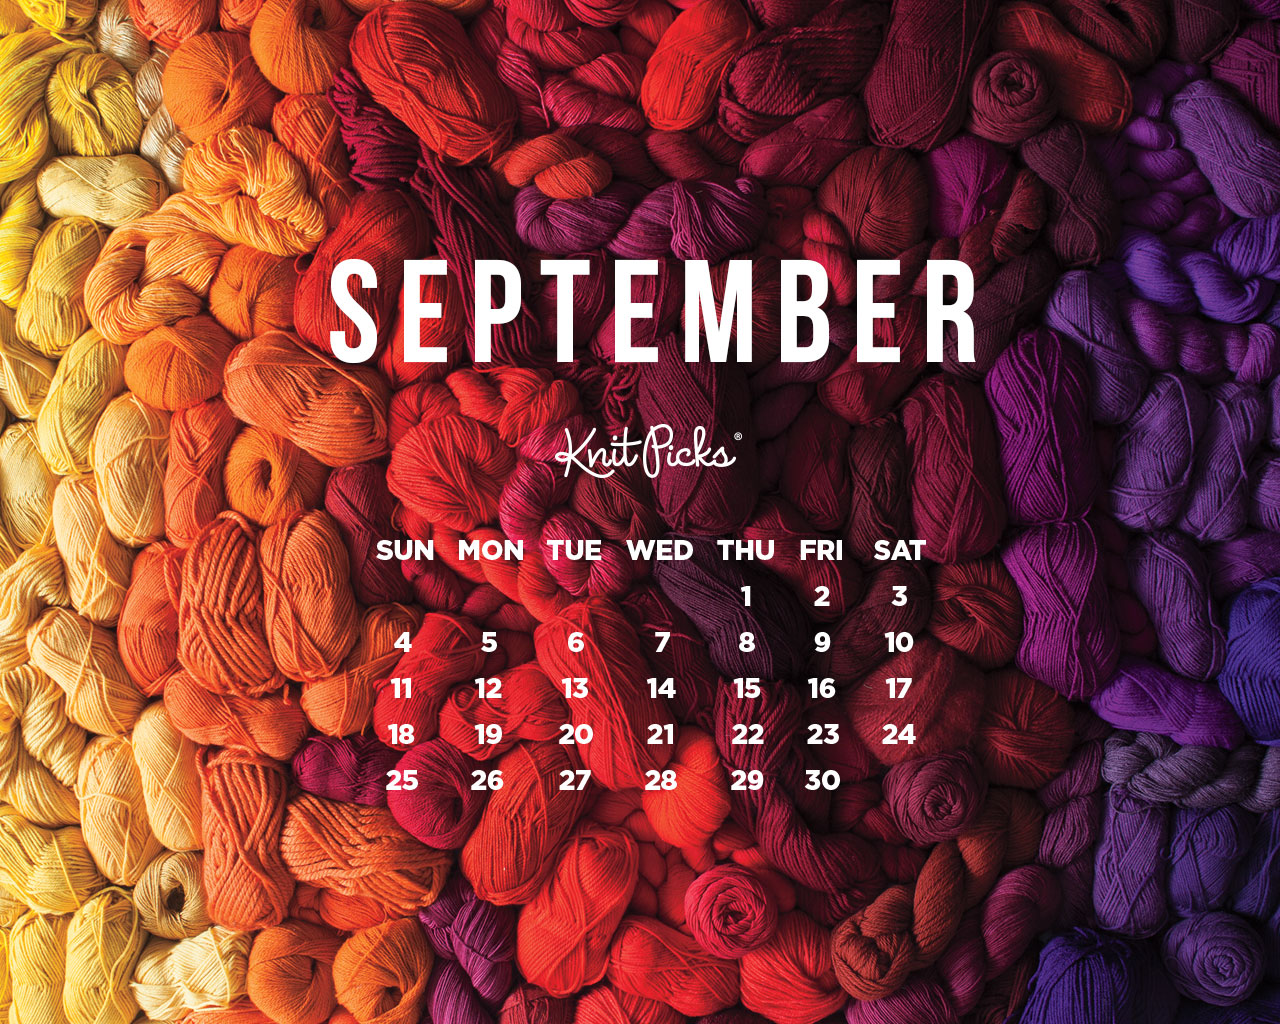 Pretty Wallpapers For Fall September 2016 Calendar Knitpicks Staff Knitting Blog